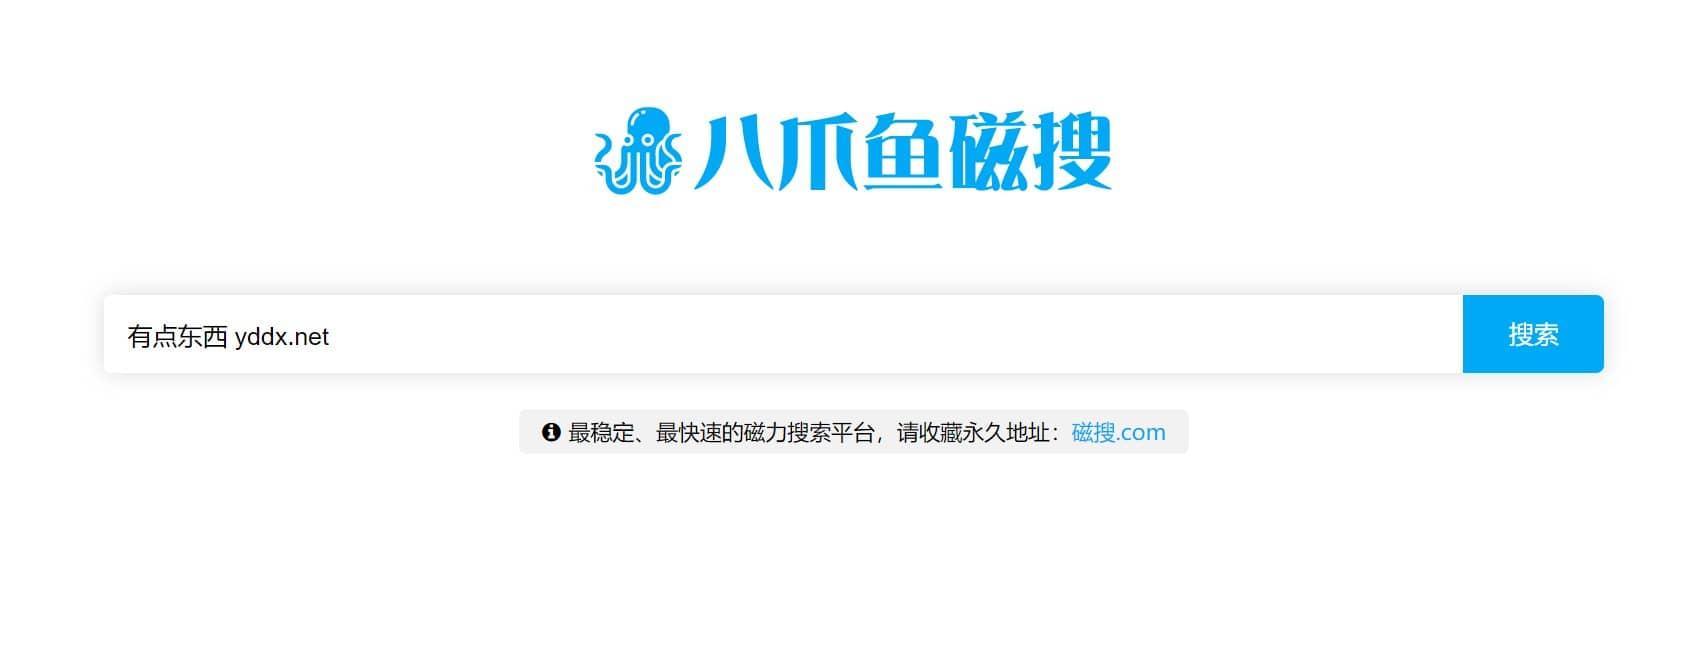 中文域名磁性搜索网站…还有其他?